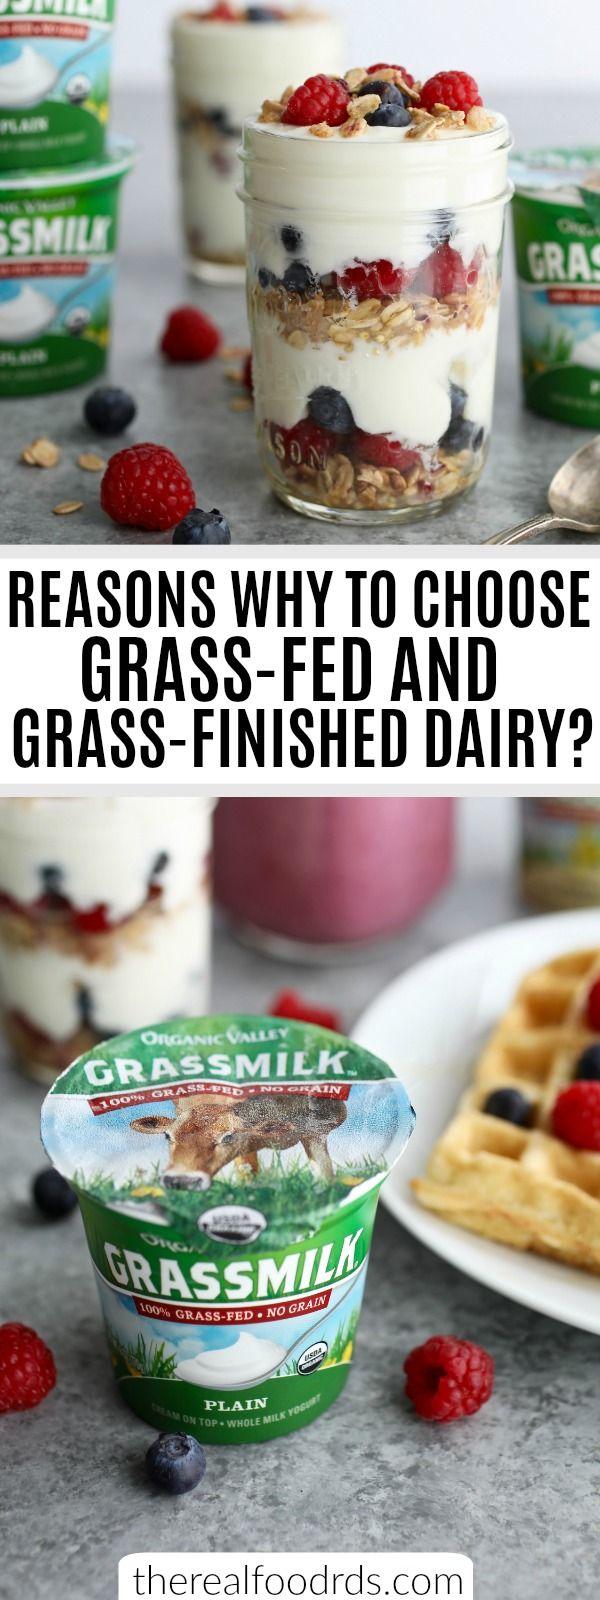 Why Grassfed Dairy? + 5 Ways to use Plain Yogurt